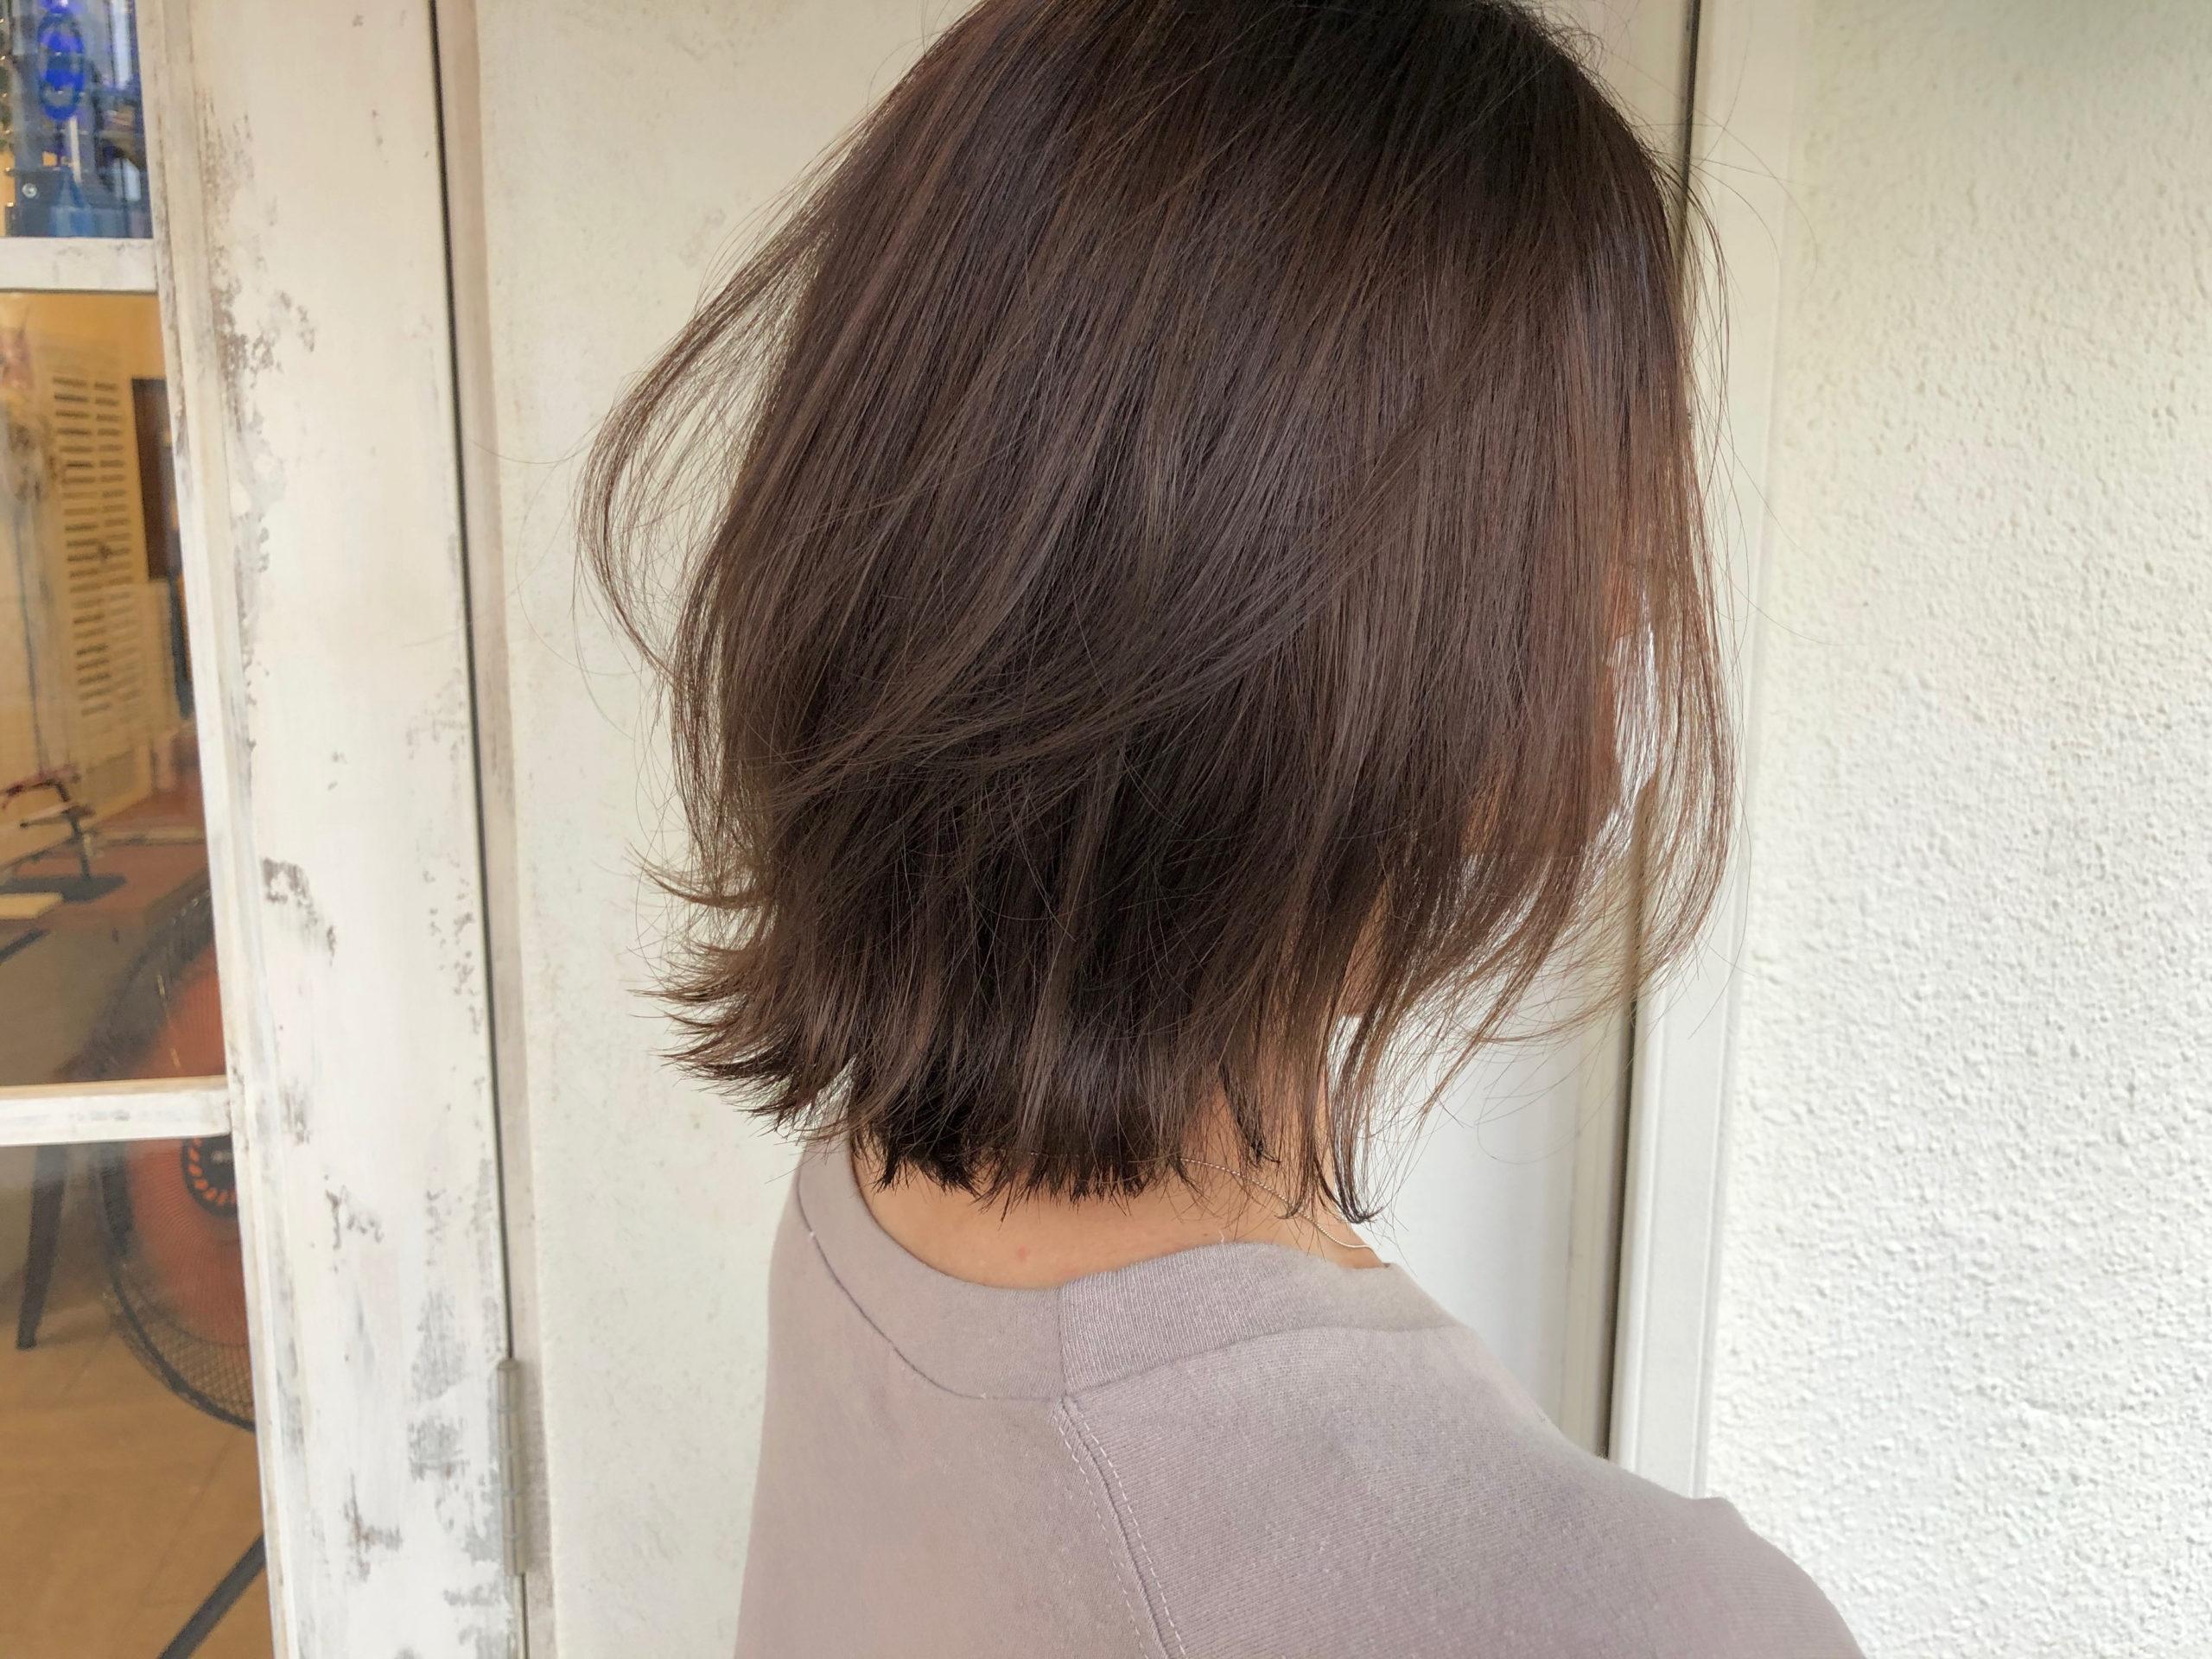 白髪染め 白髪ぼかしハイライト 明るい白髪染め 黒田式ハイライト